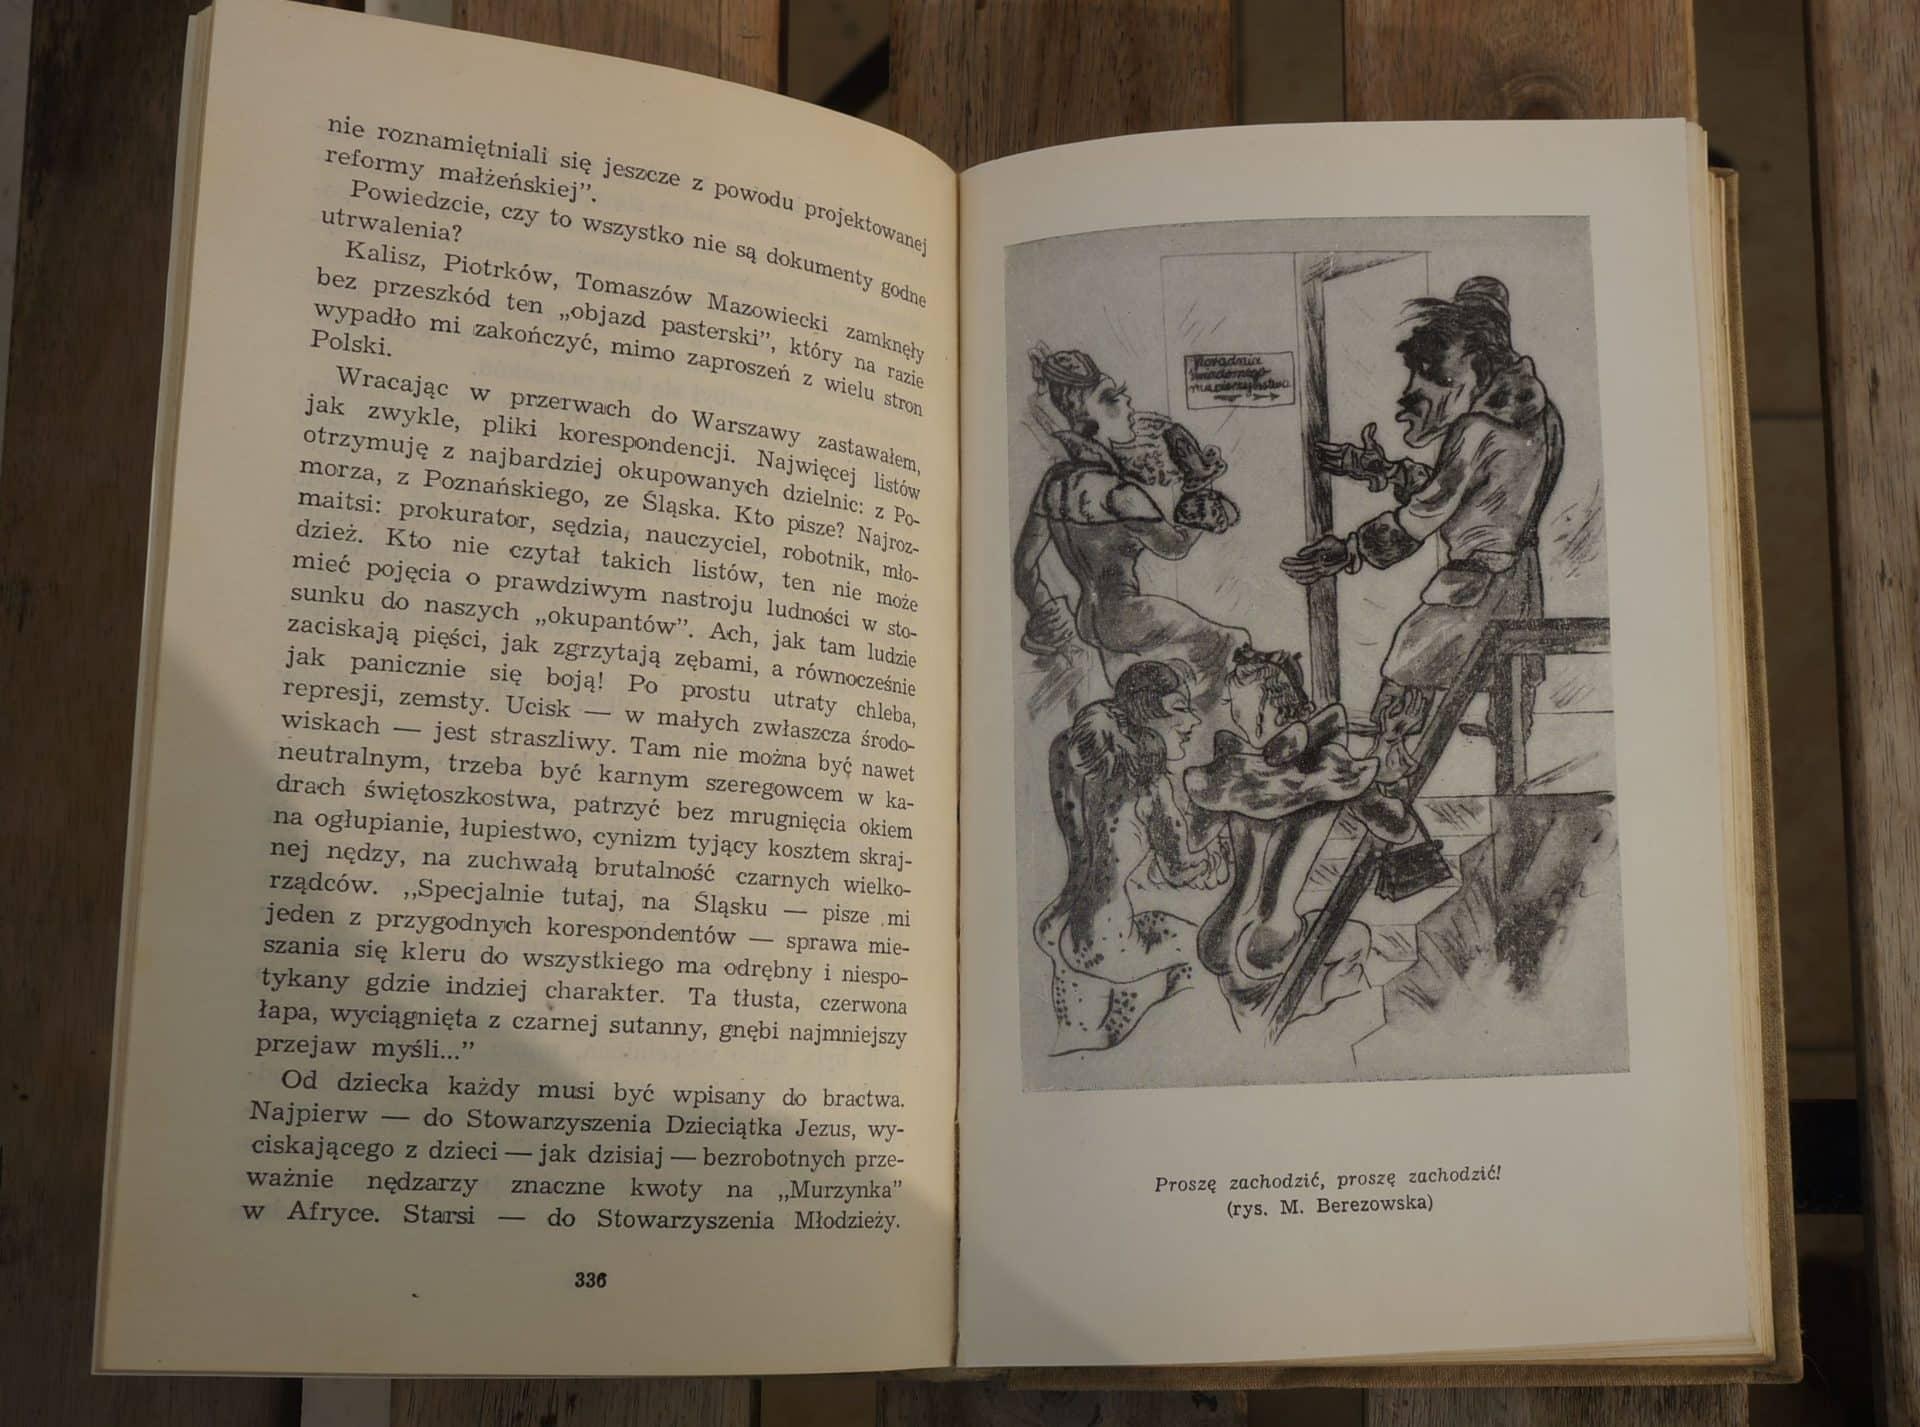 """Zbiór """"Piekło kobiet"""" został opublikowany także w t. 15 dzieł zebranych Tadeusza Boya-Żeleńskiego. Tom jest pełen rysunków satyrycznych."""